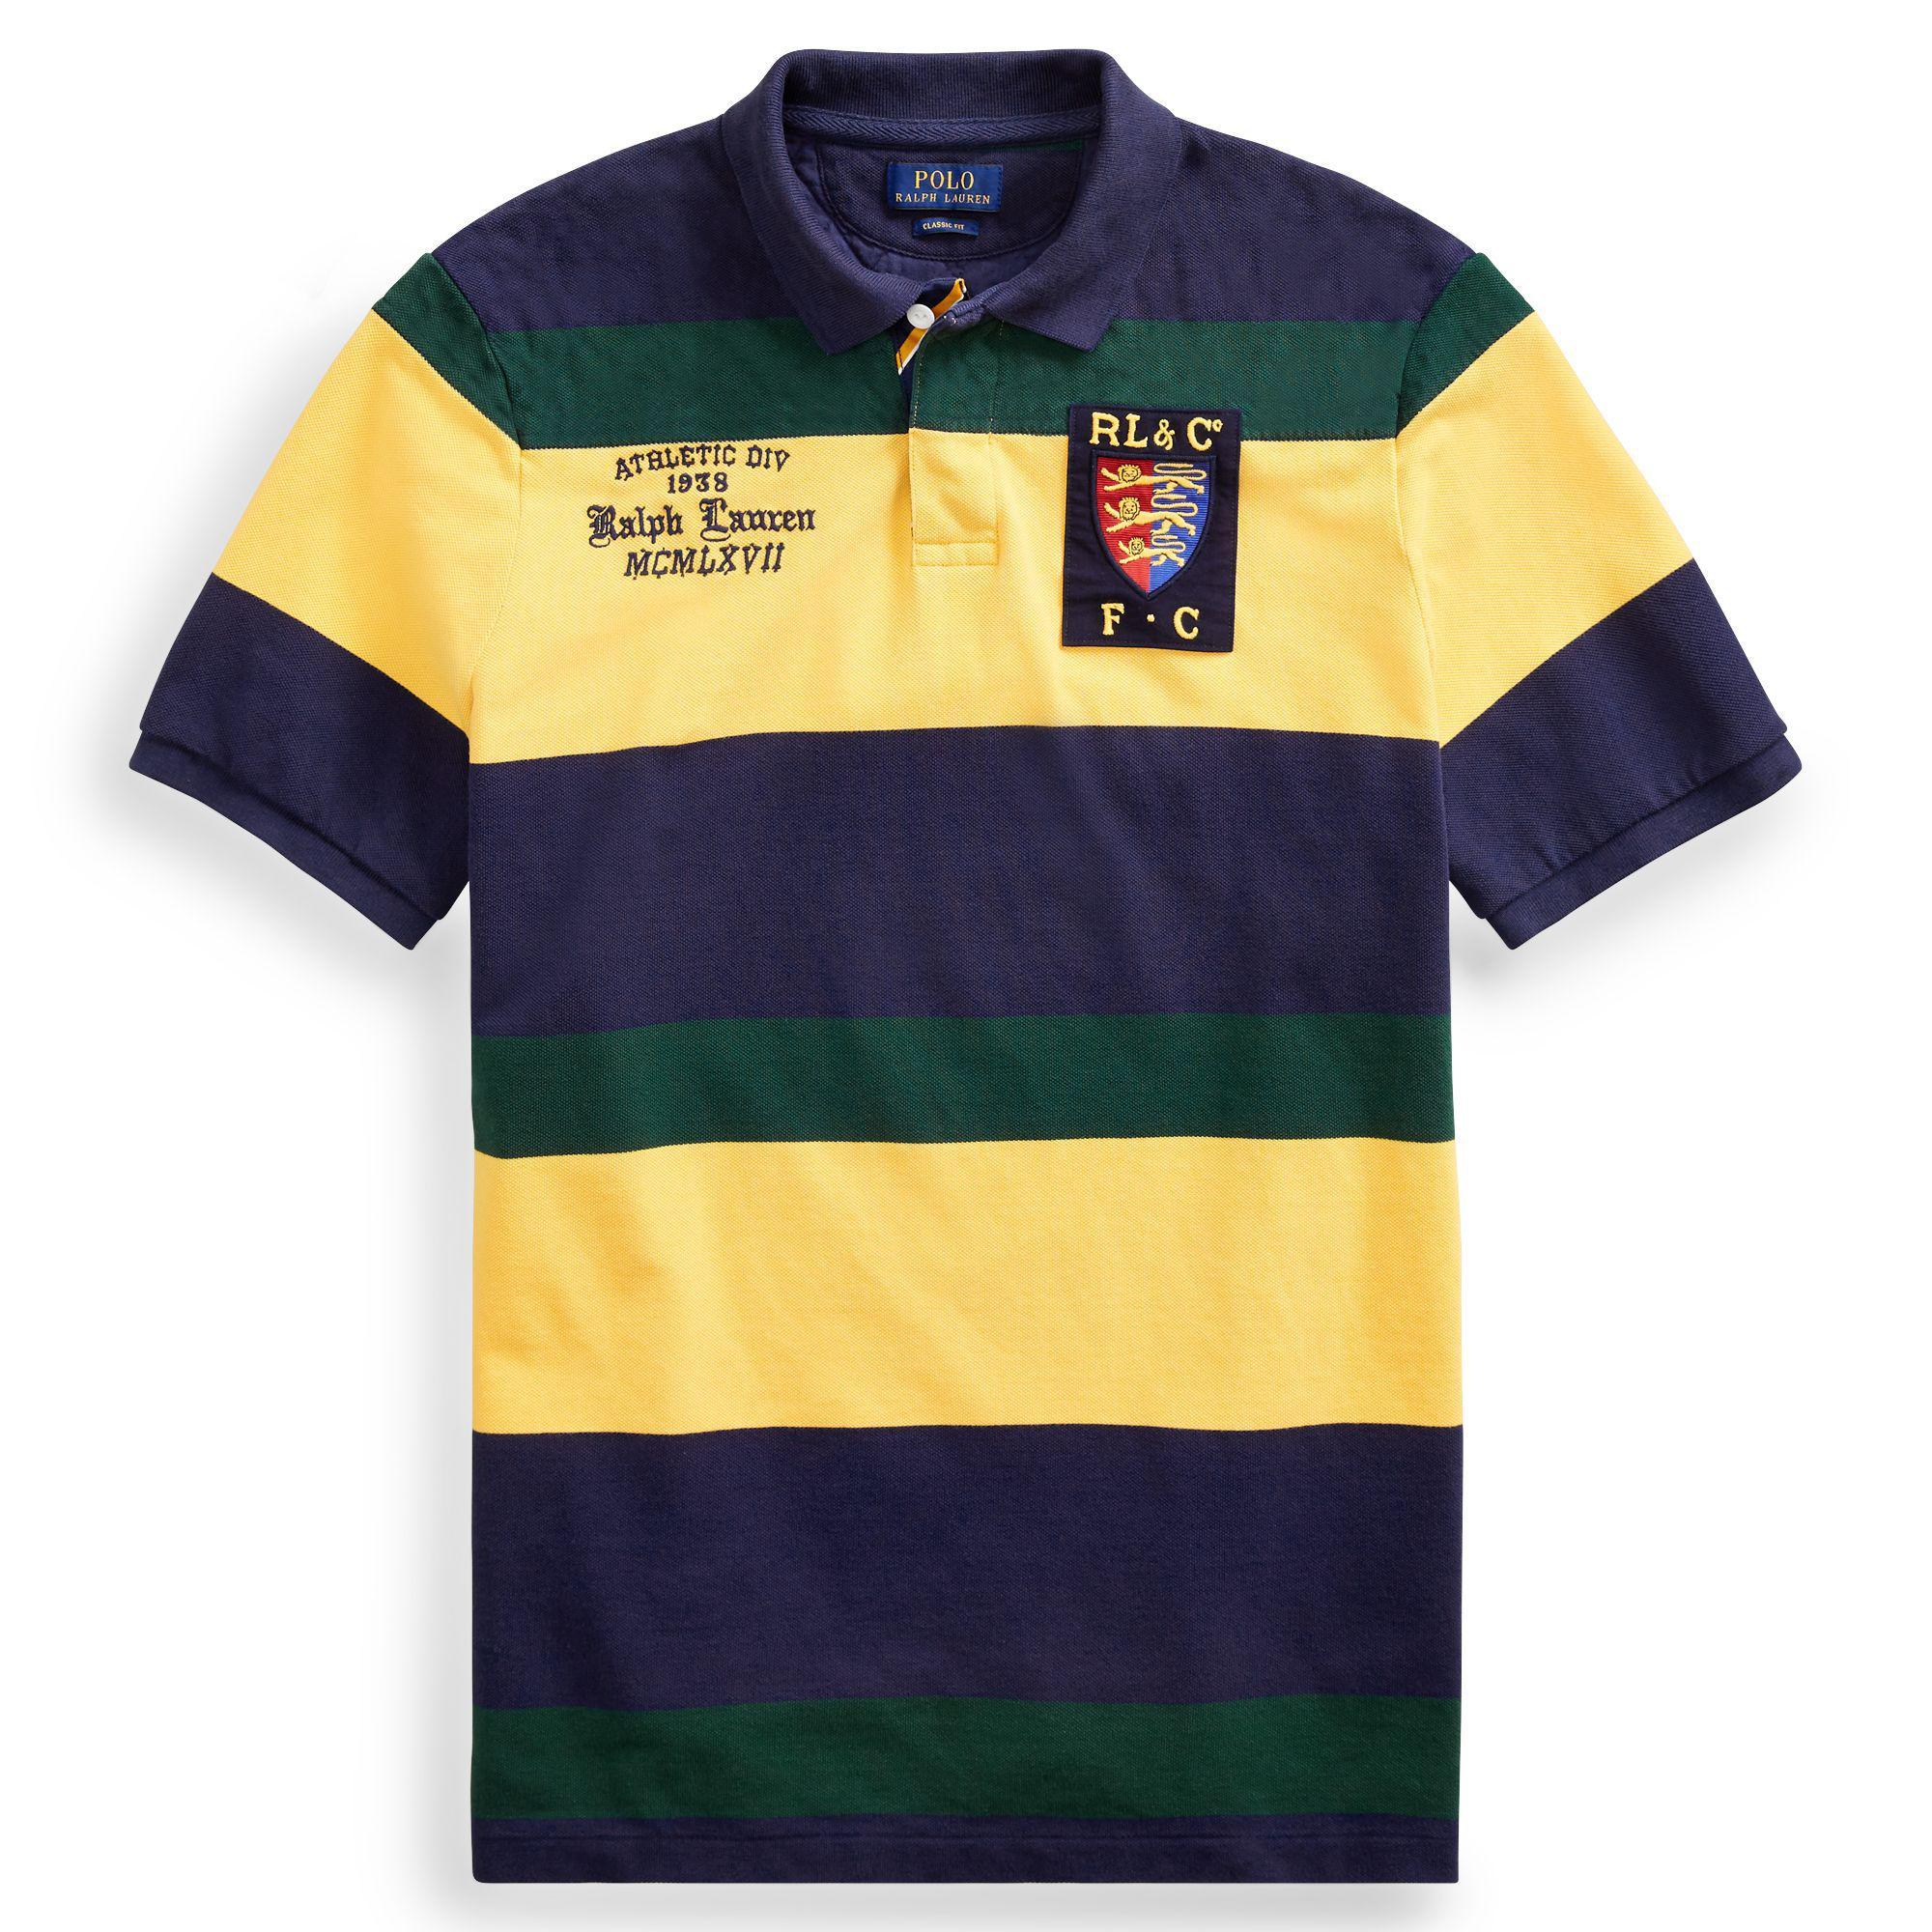 3d8798a2eaf ... mens polo ralph lauren slim fit b4e02 bc7dd  top quality polo shirt  for. view fullscreen 6d290 5e37f